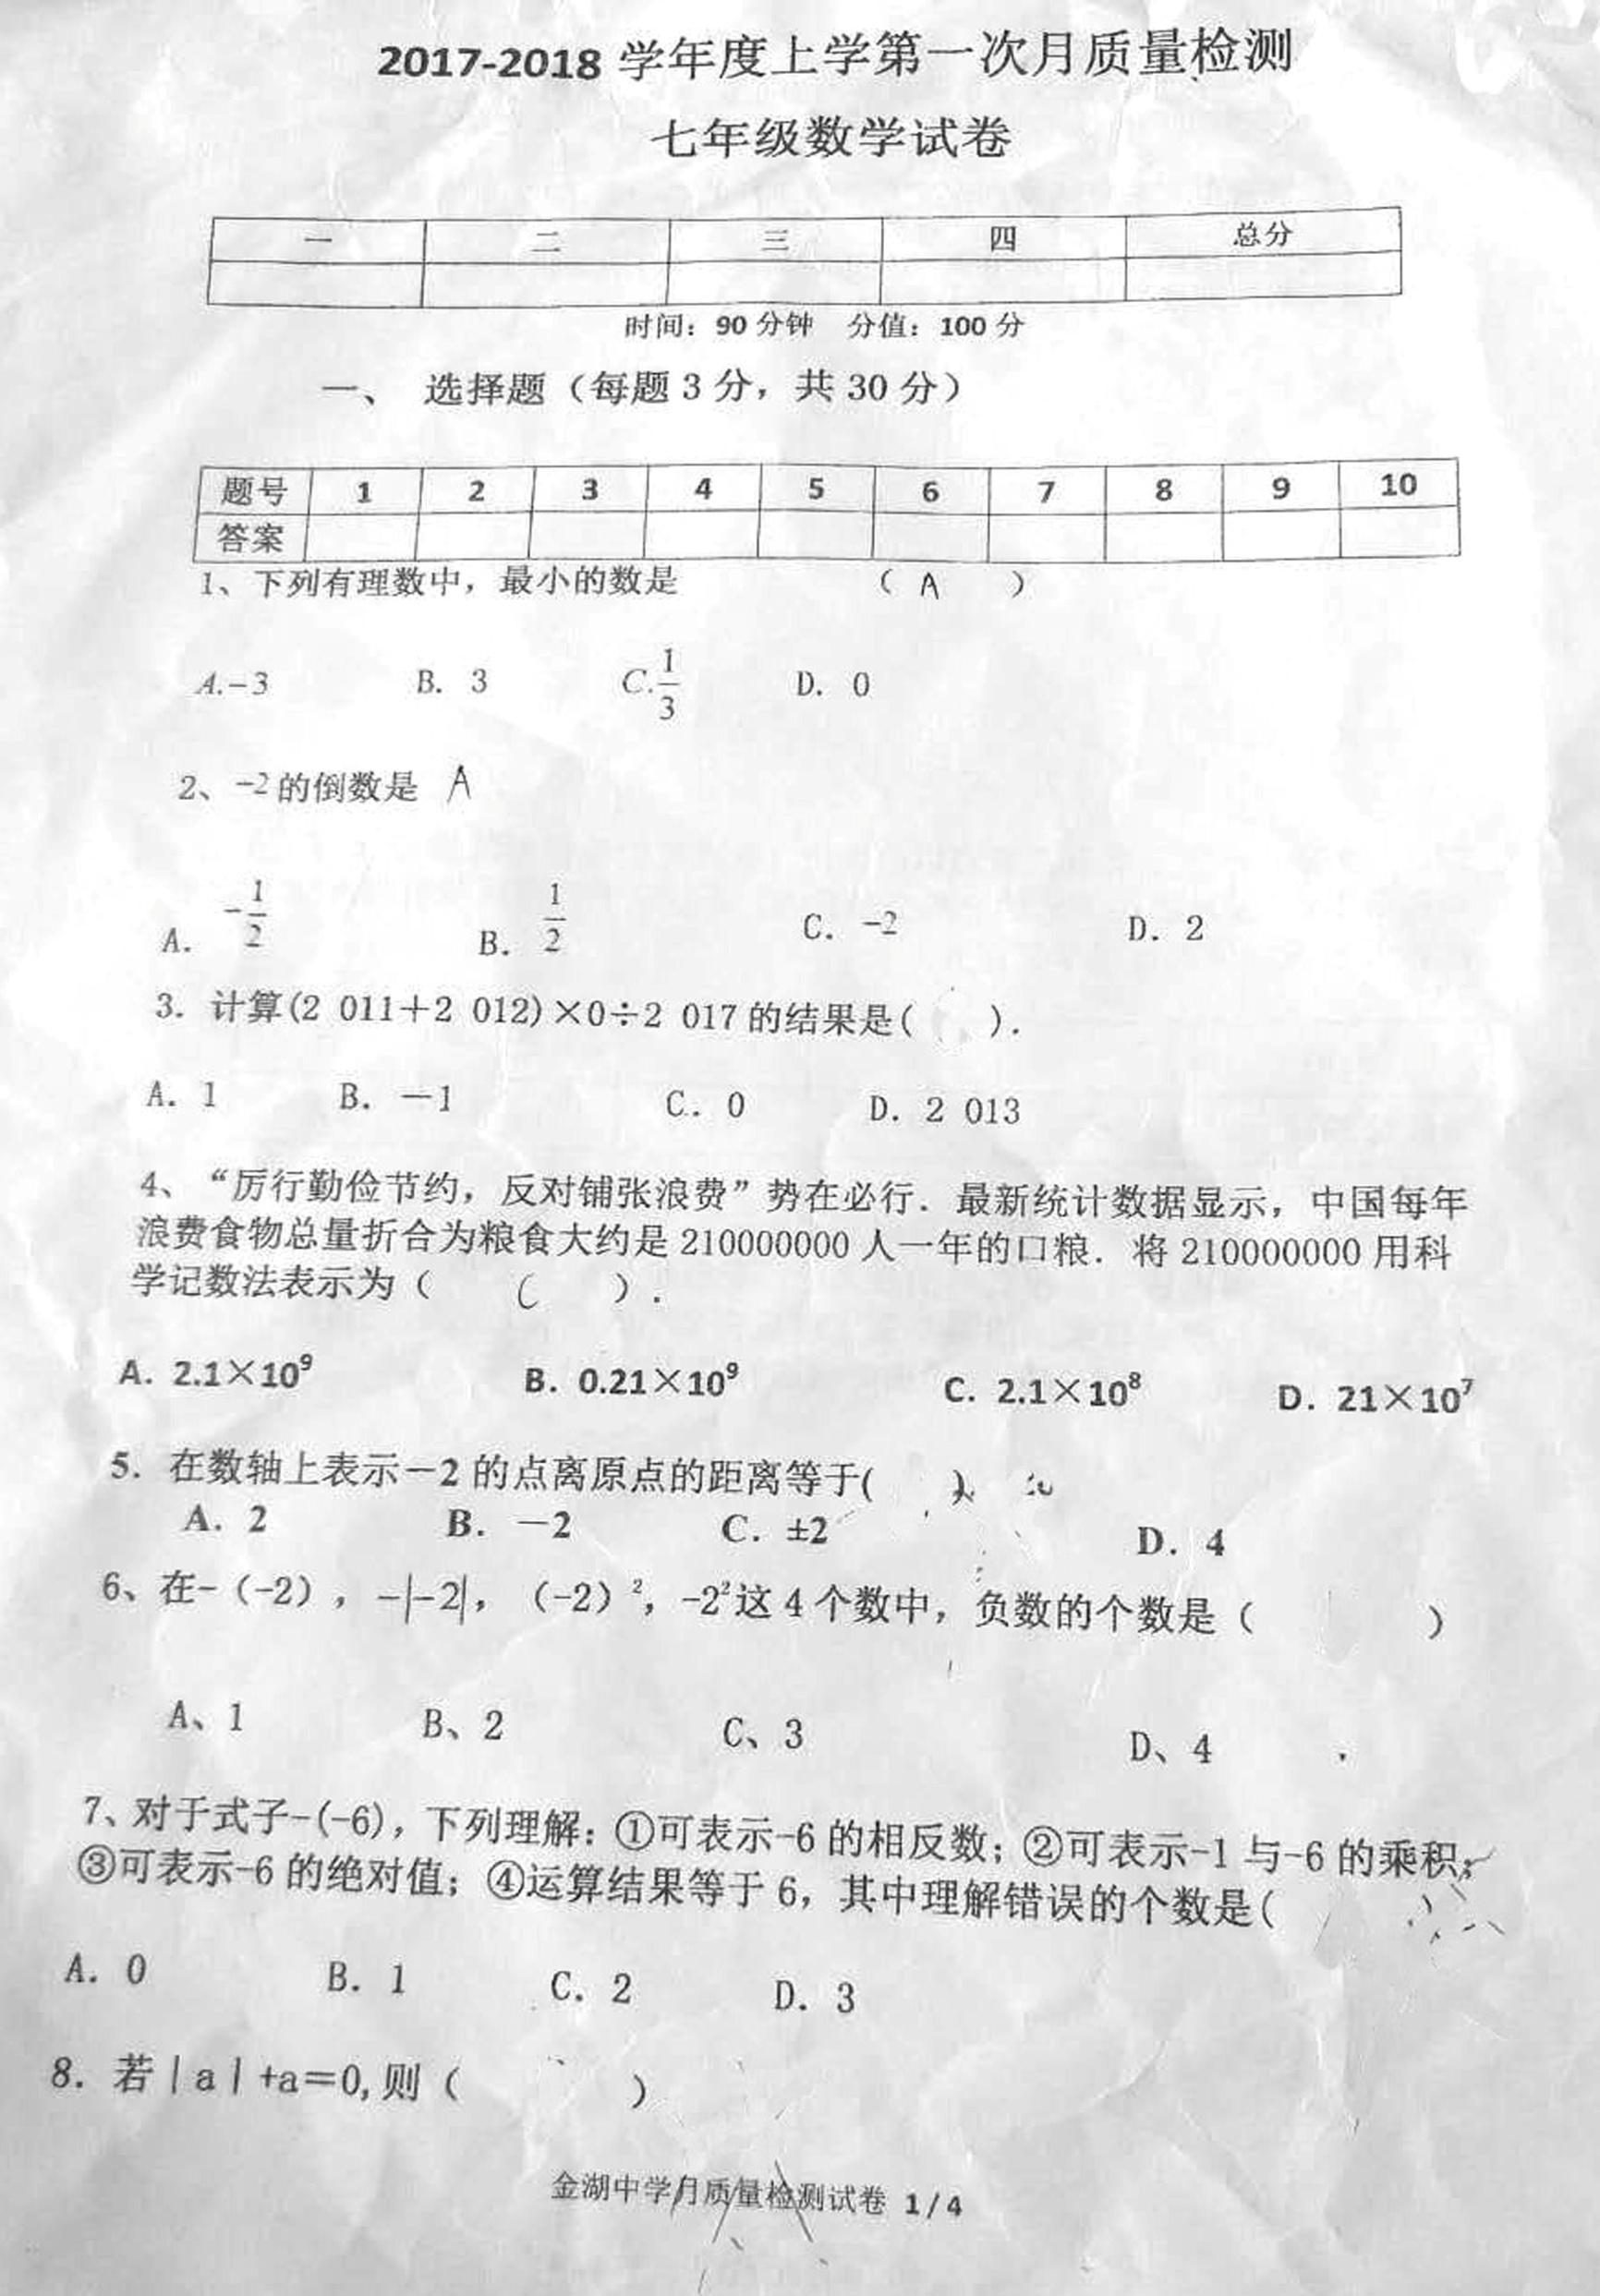 2017-2018安徽合肥金湖中学初一上第一次月考数学试题(图片版)